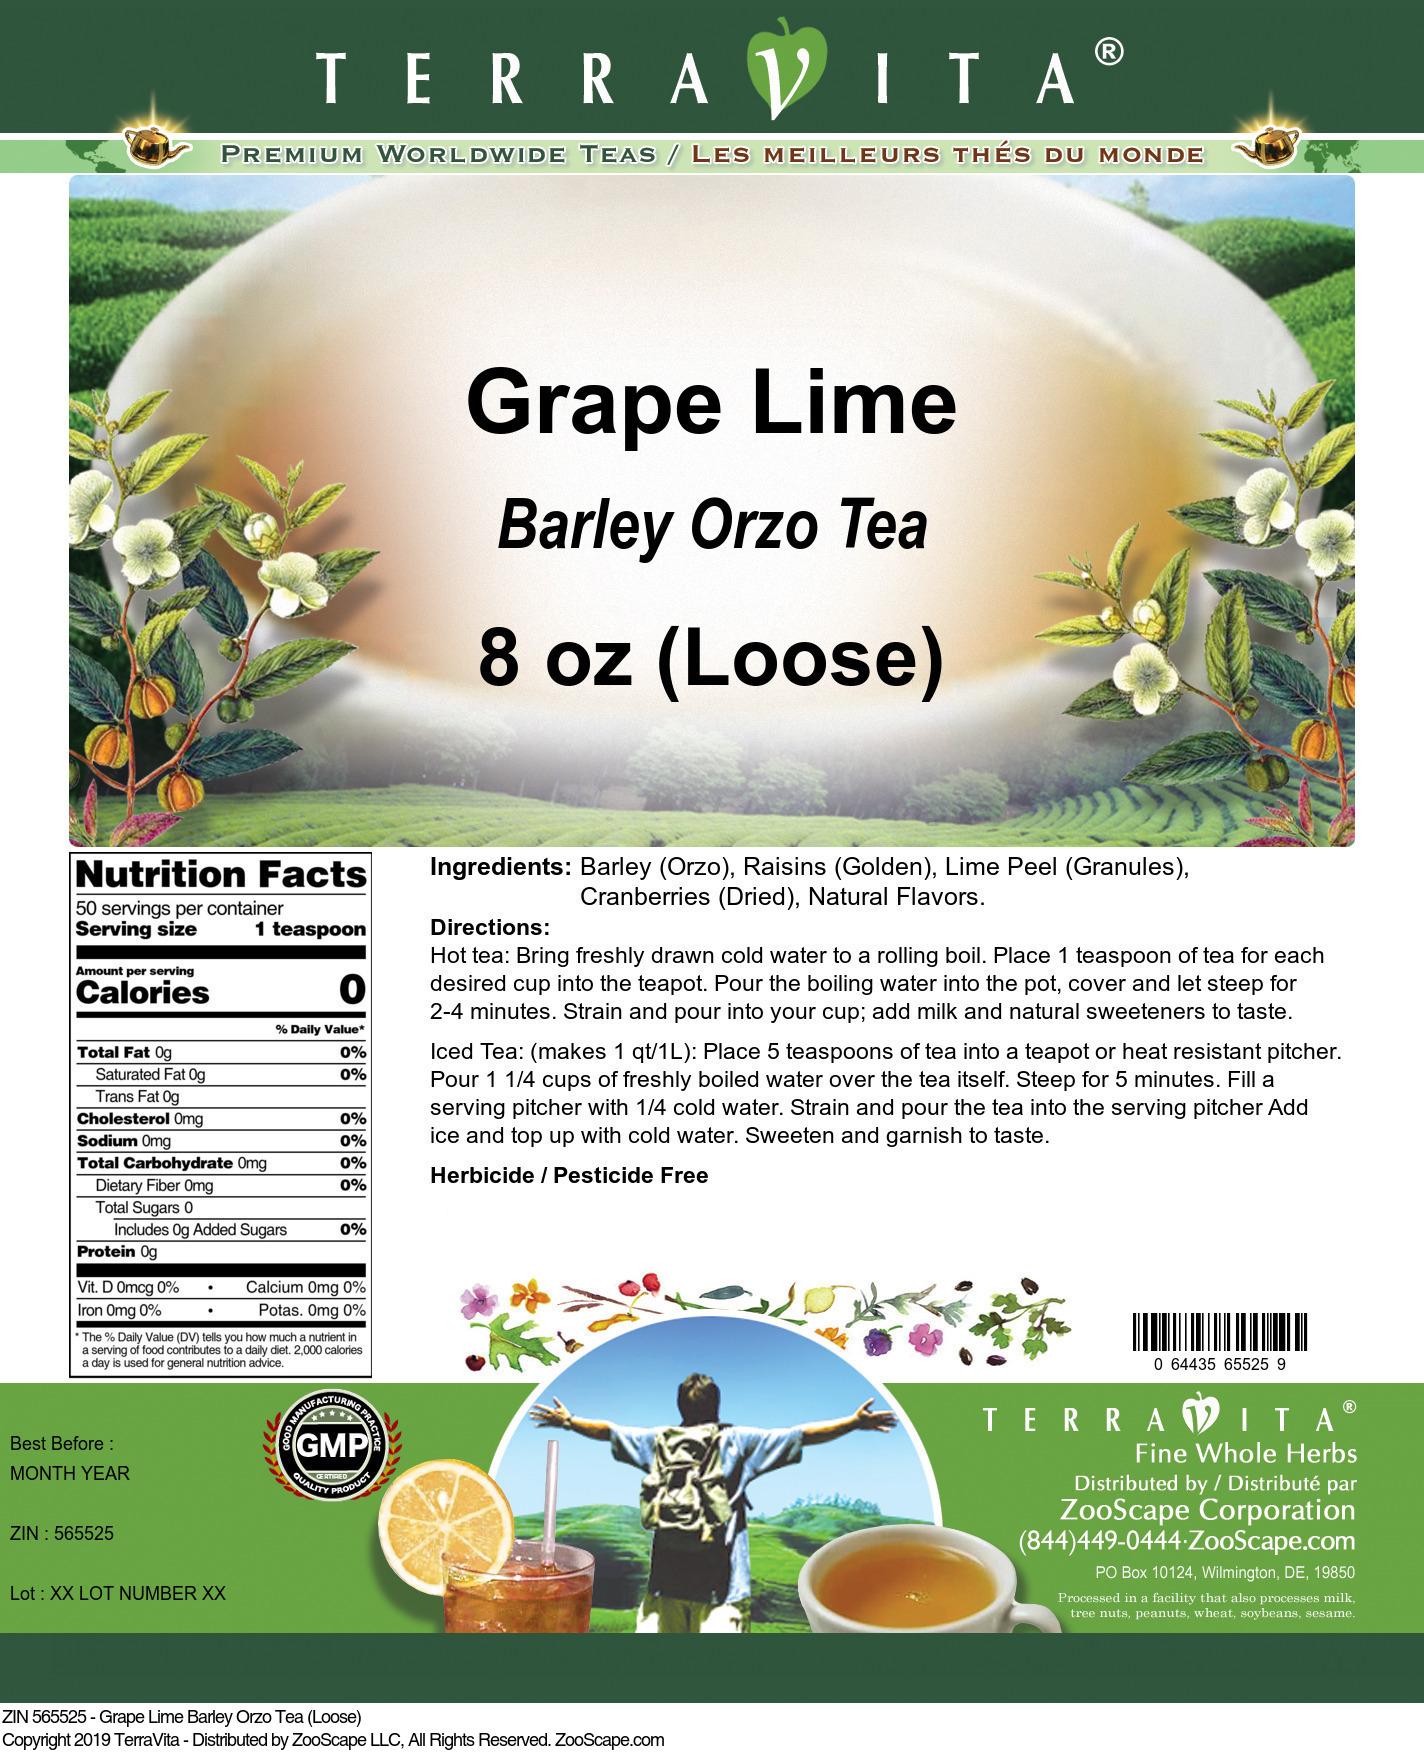 Grape Lime Barley Orzo